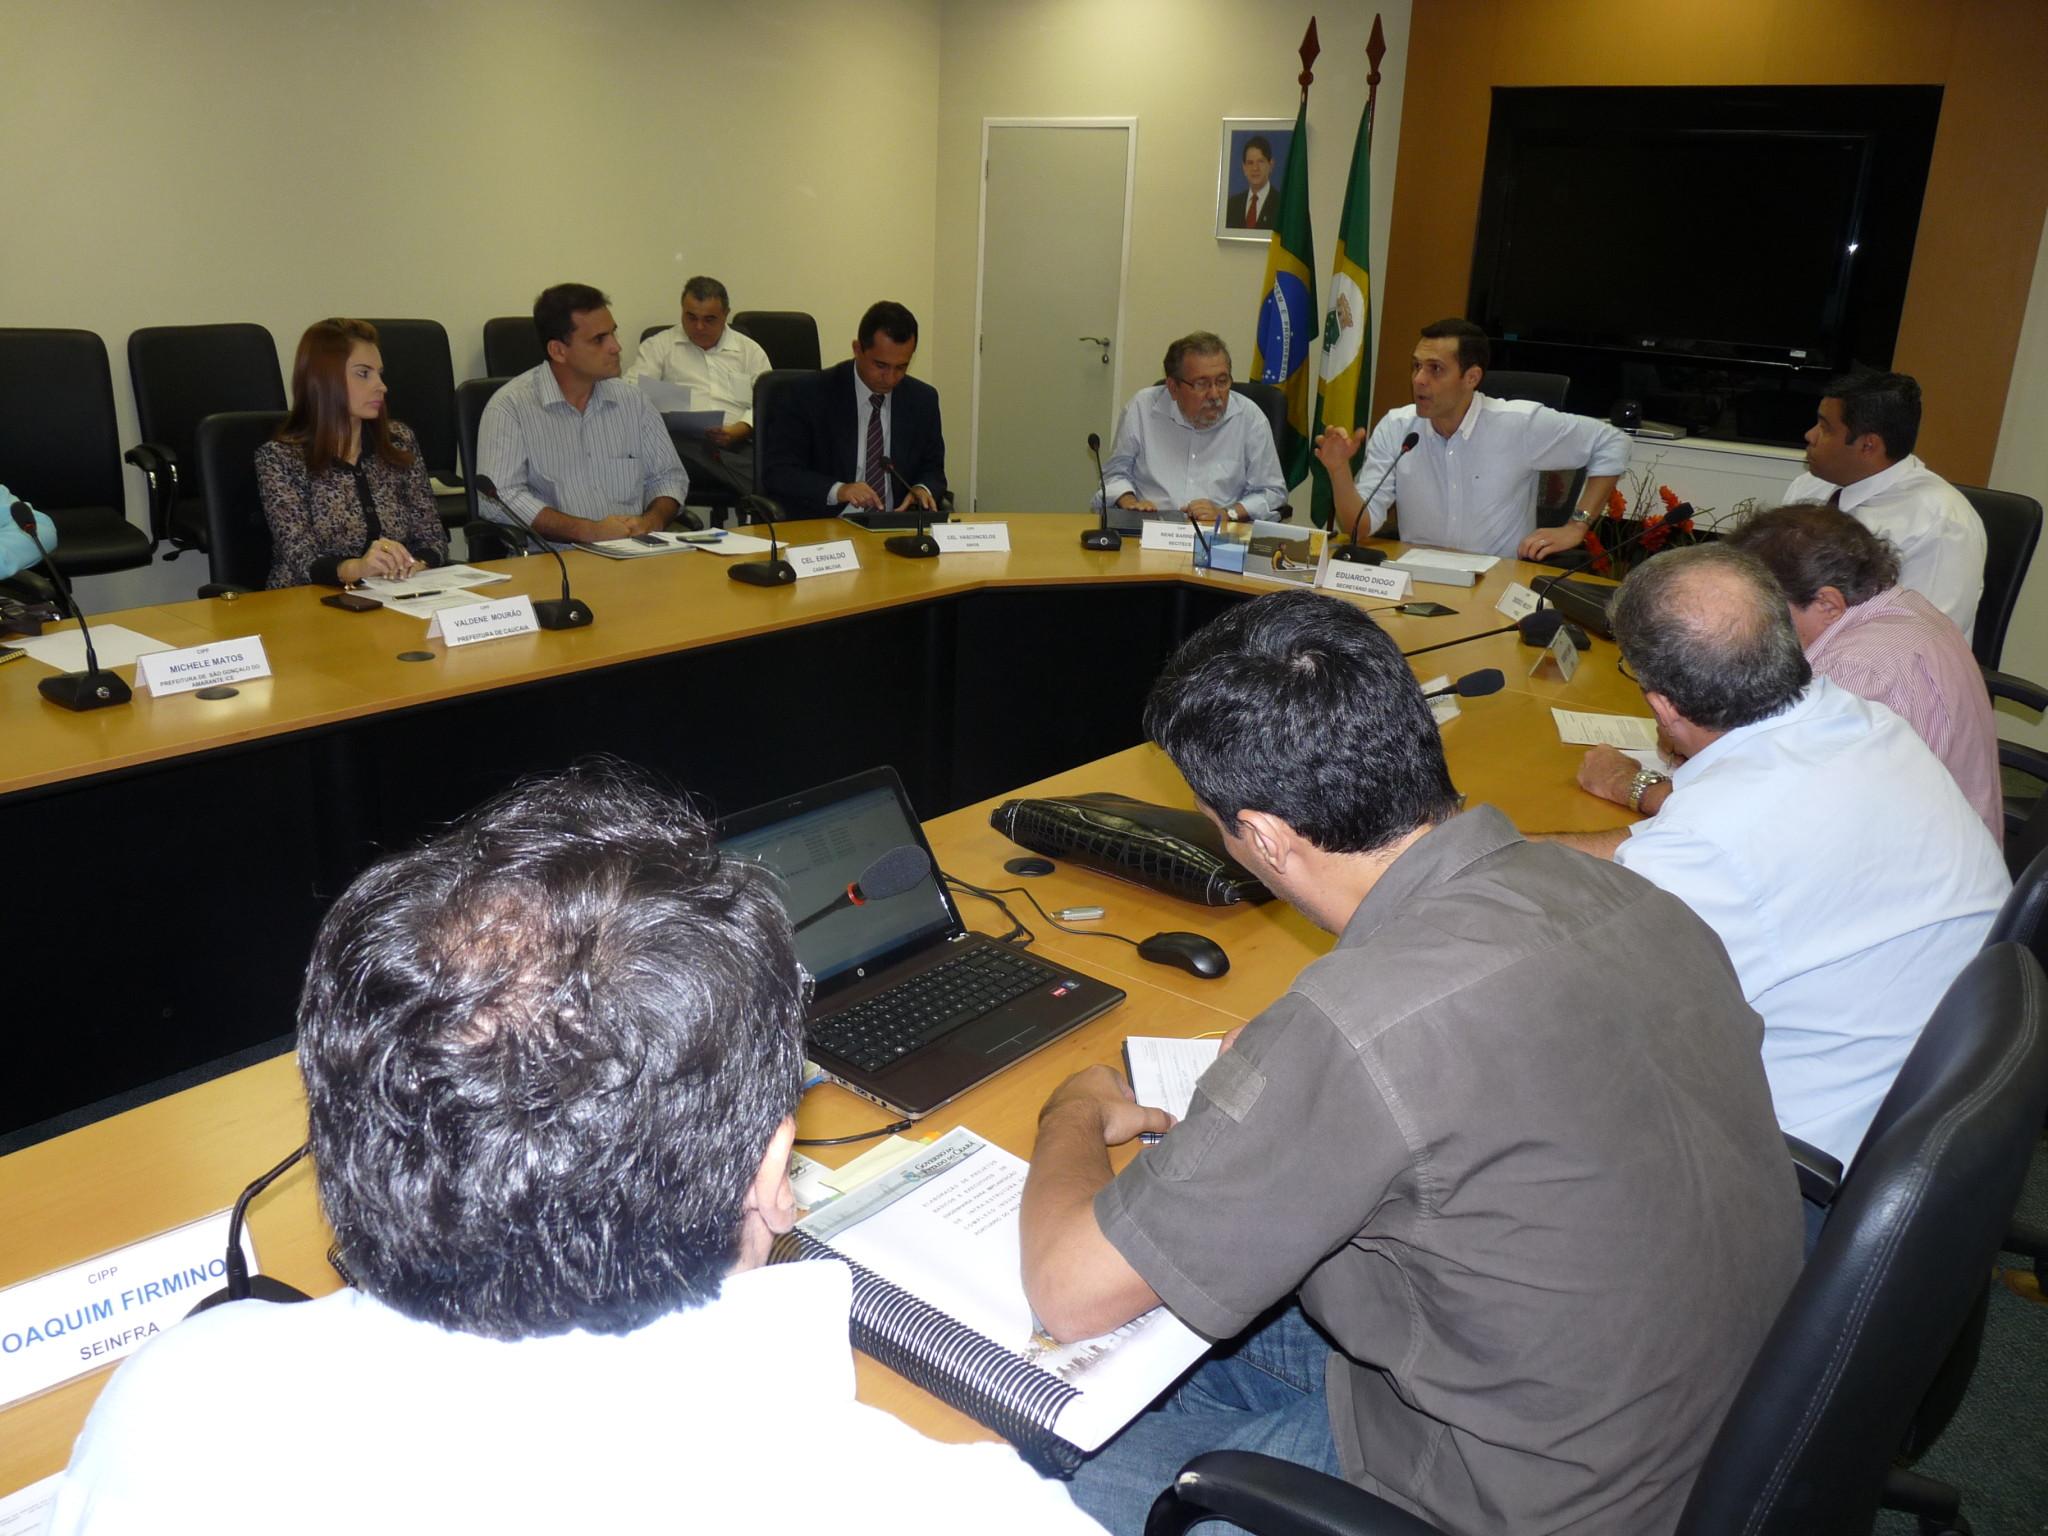 26-03-2012 - Reunião CIPP - Sala de Reunião (45)